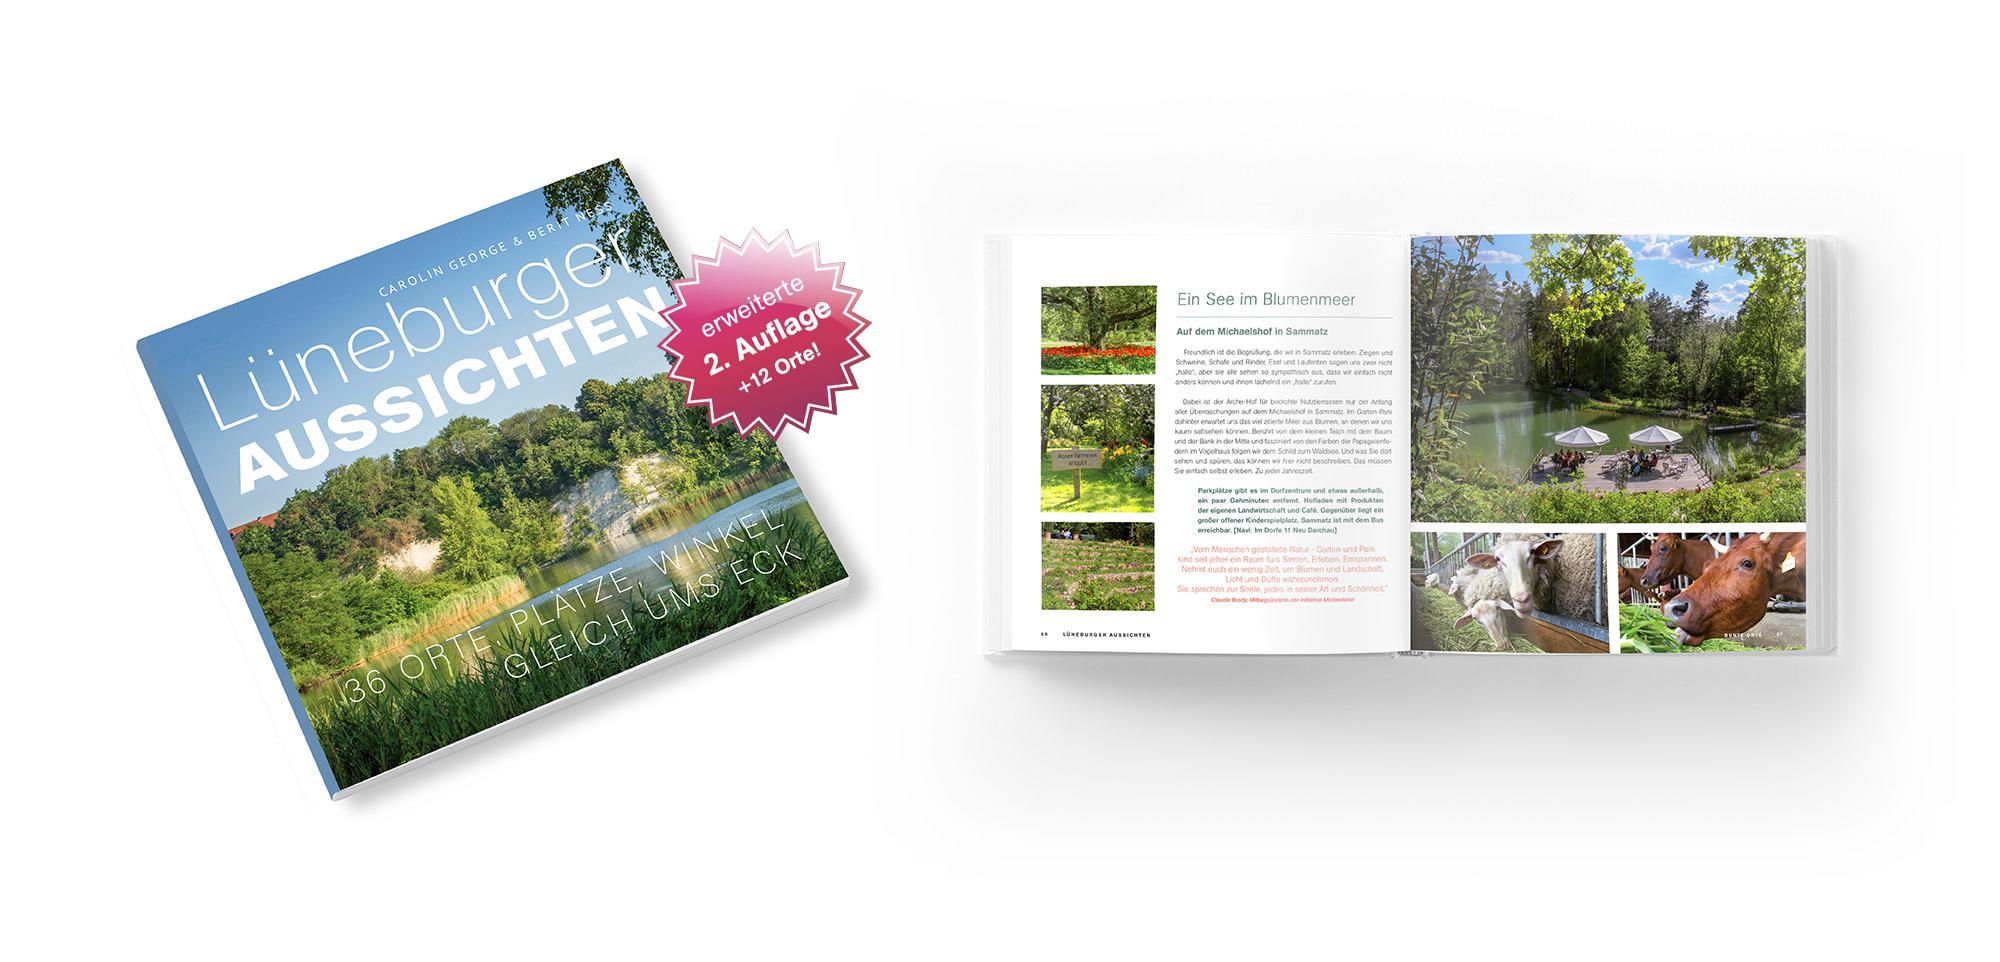 neustes Projekt aus dem kreativ-kontor: Lüneburg Aussichten, eine Broschüre mit Ausflugstipps